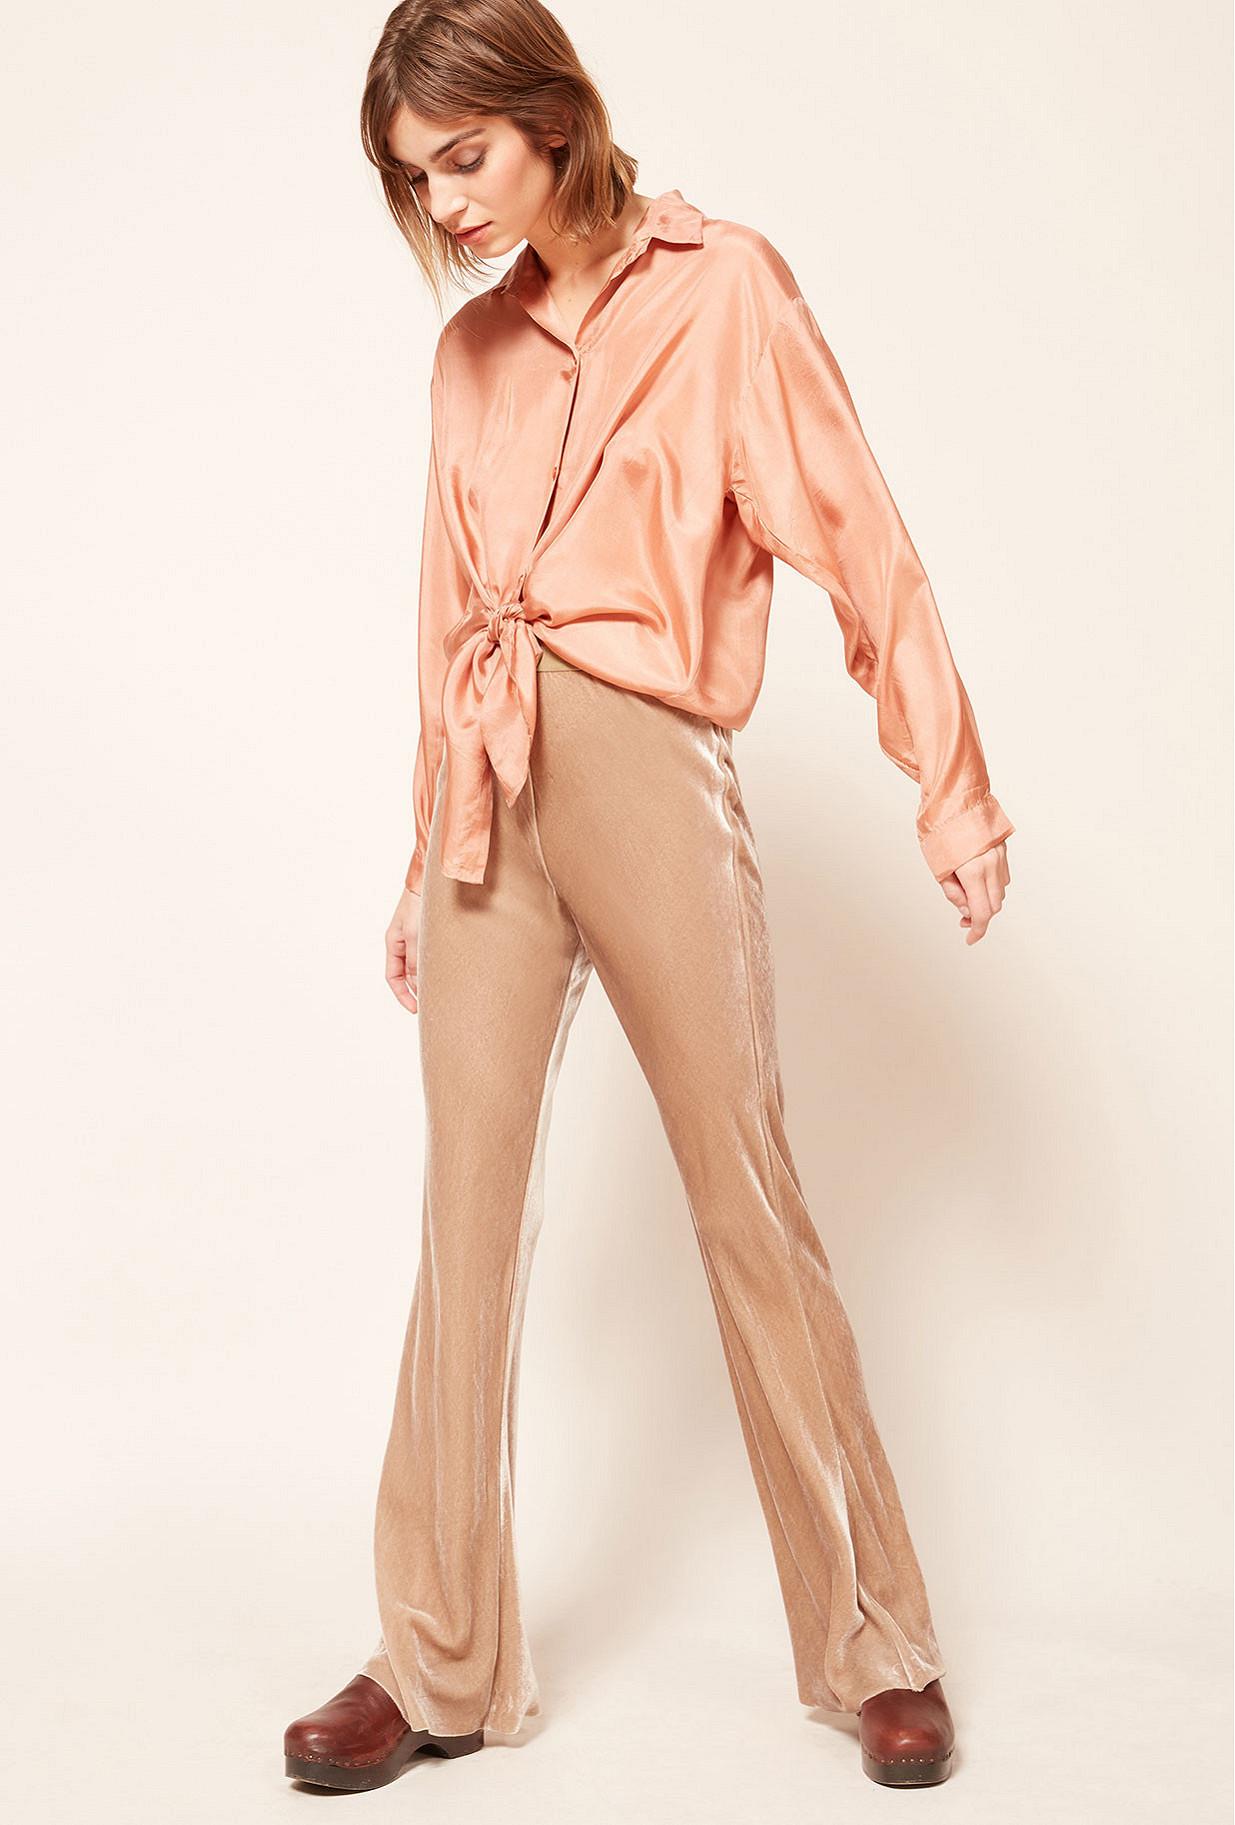 Pantalon Gris  Slither mes demoiselles paris vêtement femme paris